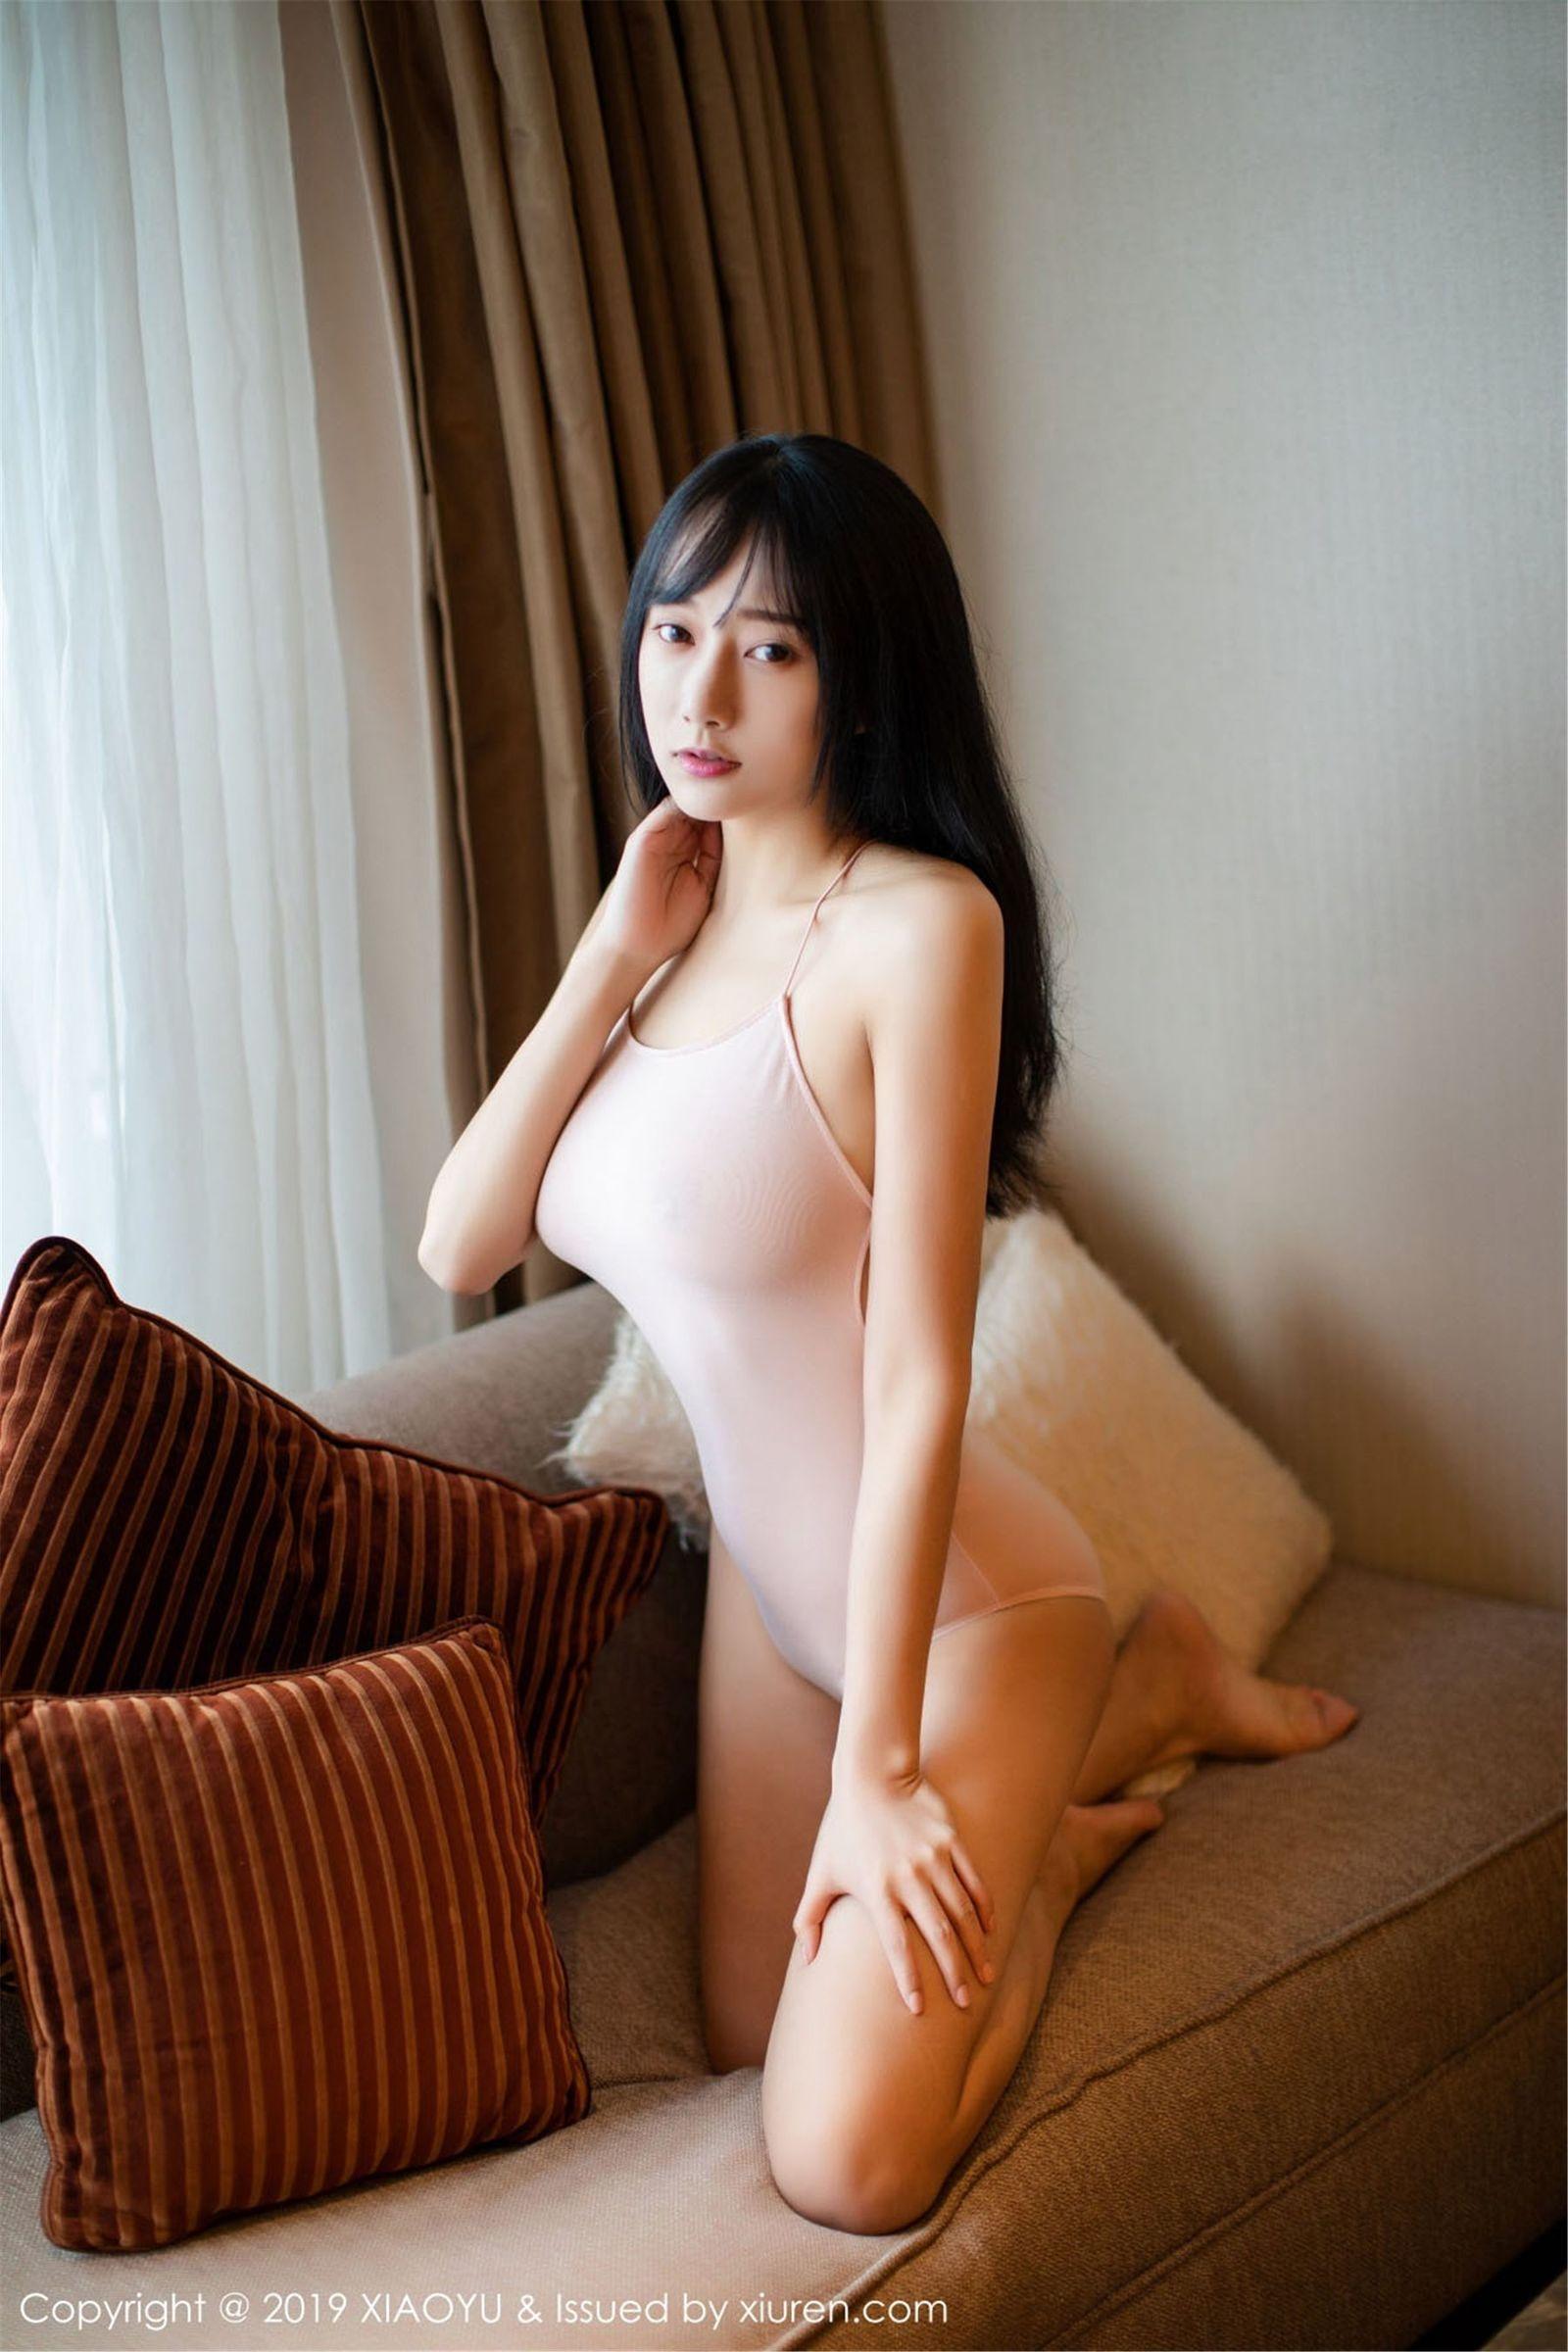 [XIAOYU语画界] Vol.097 模特@何嘉颖性感吊带写真